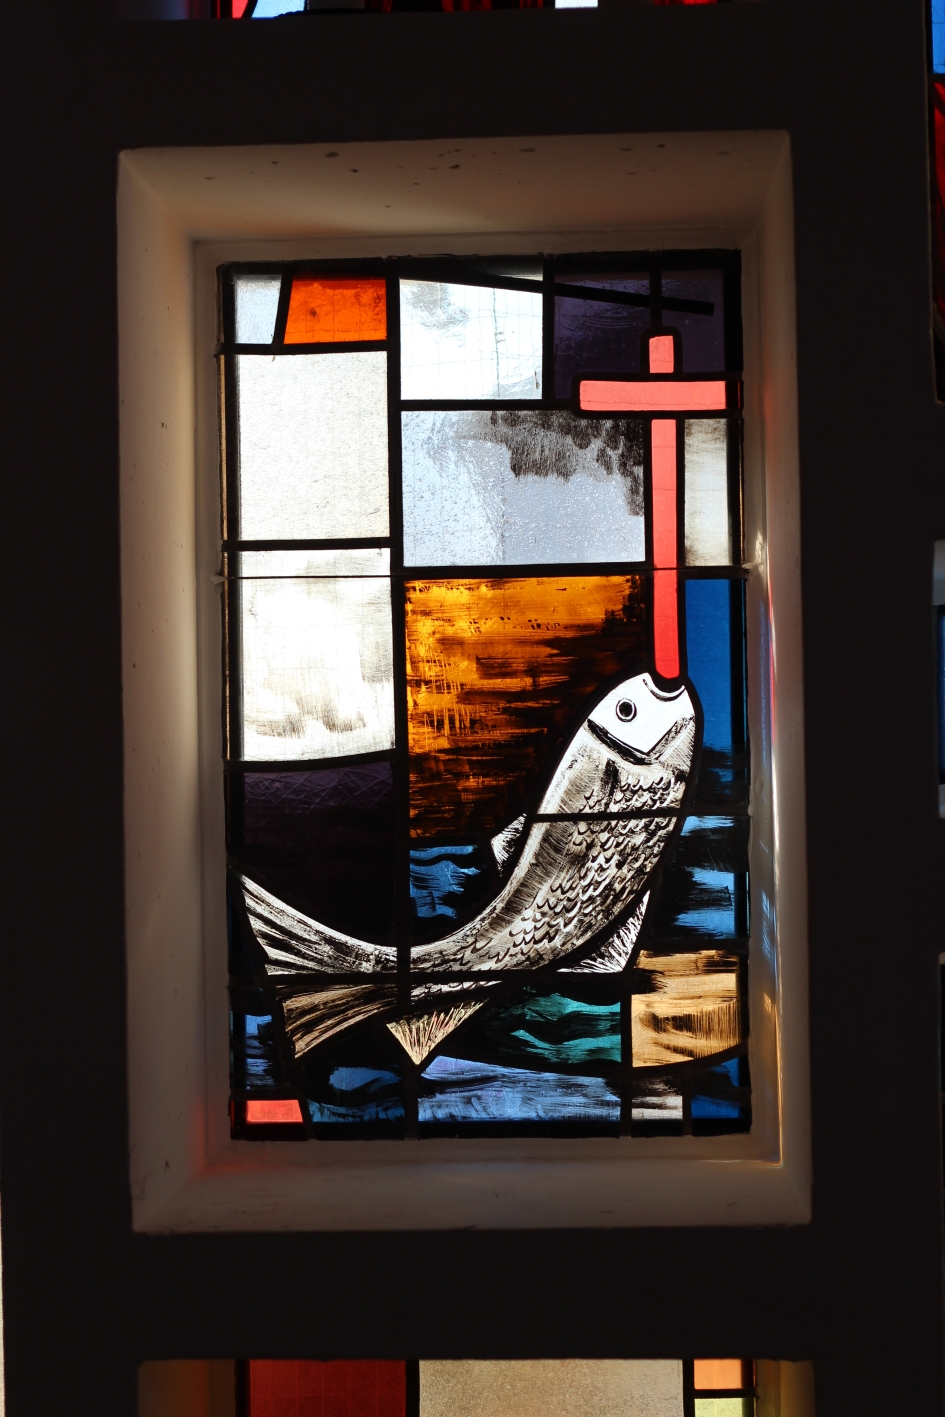 Taufe Evangelische Kirchengemeinde Kemnat